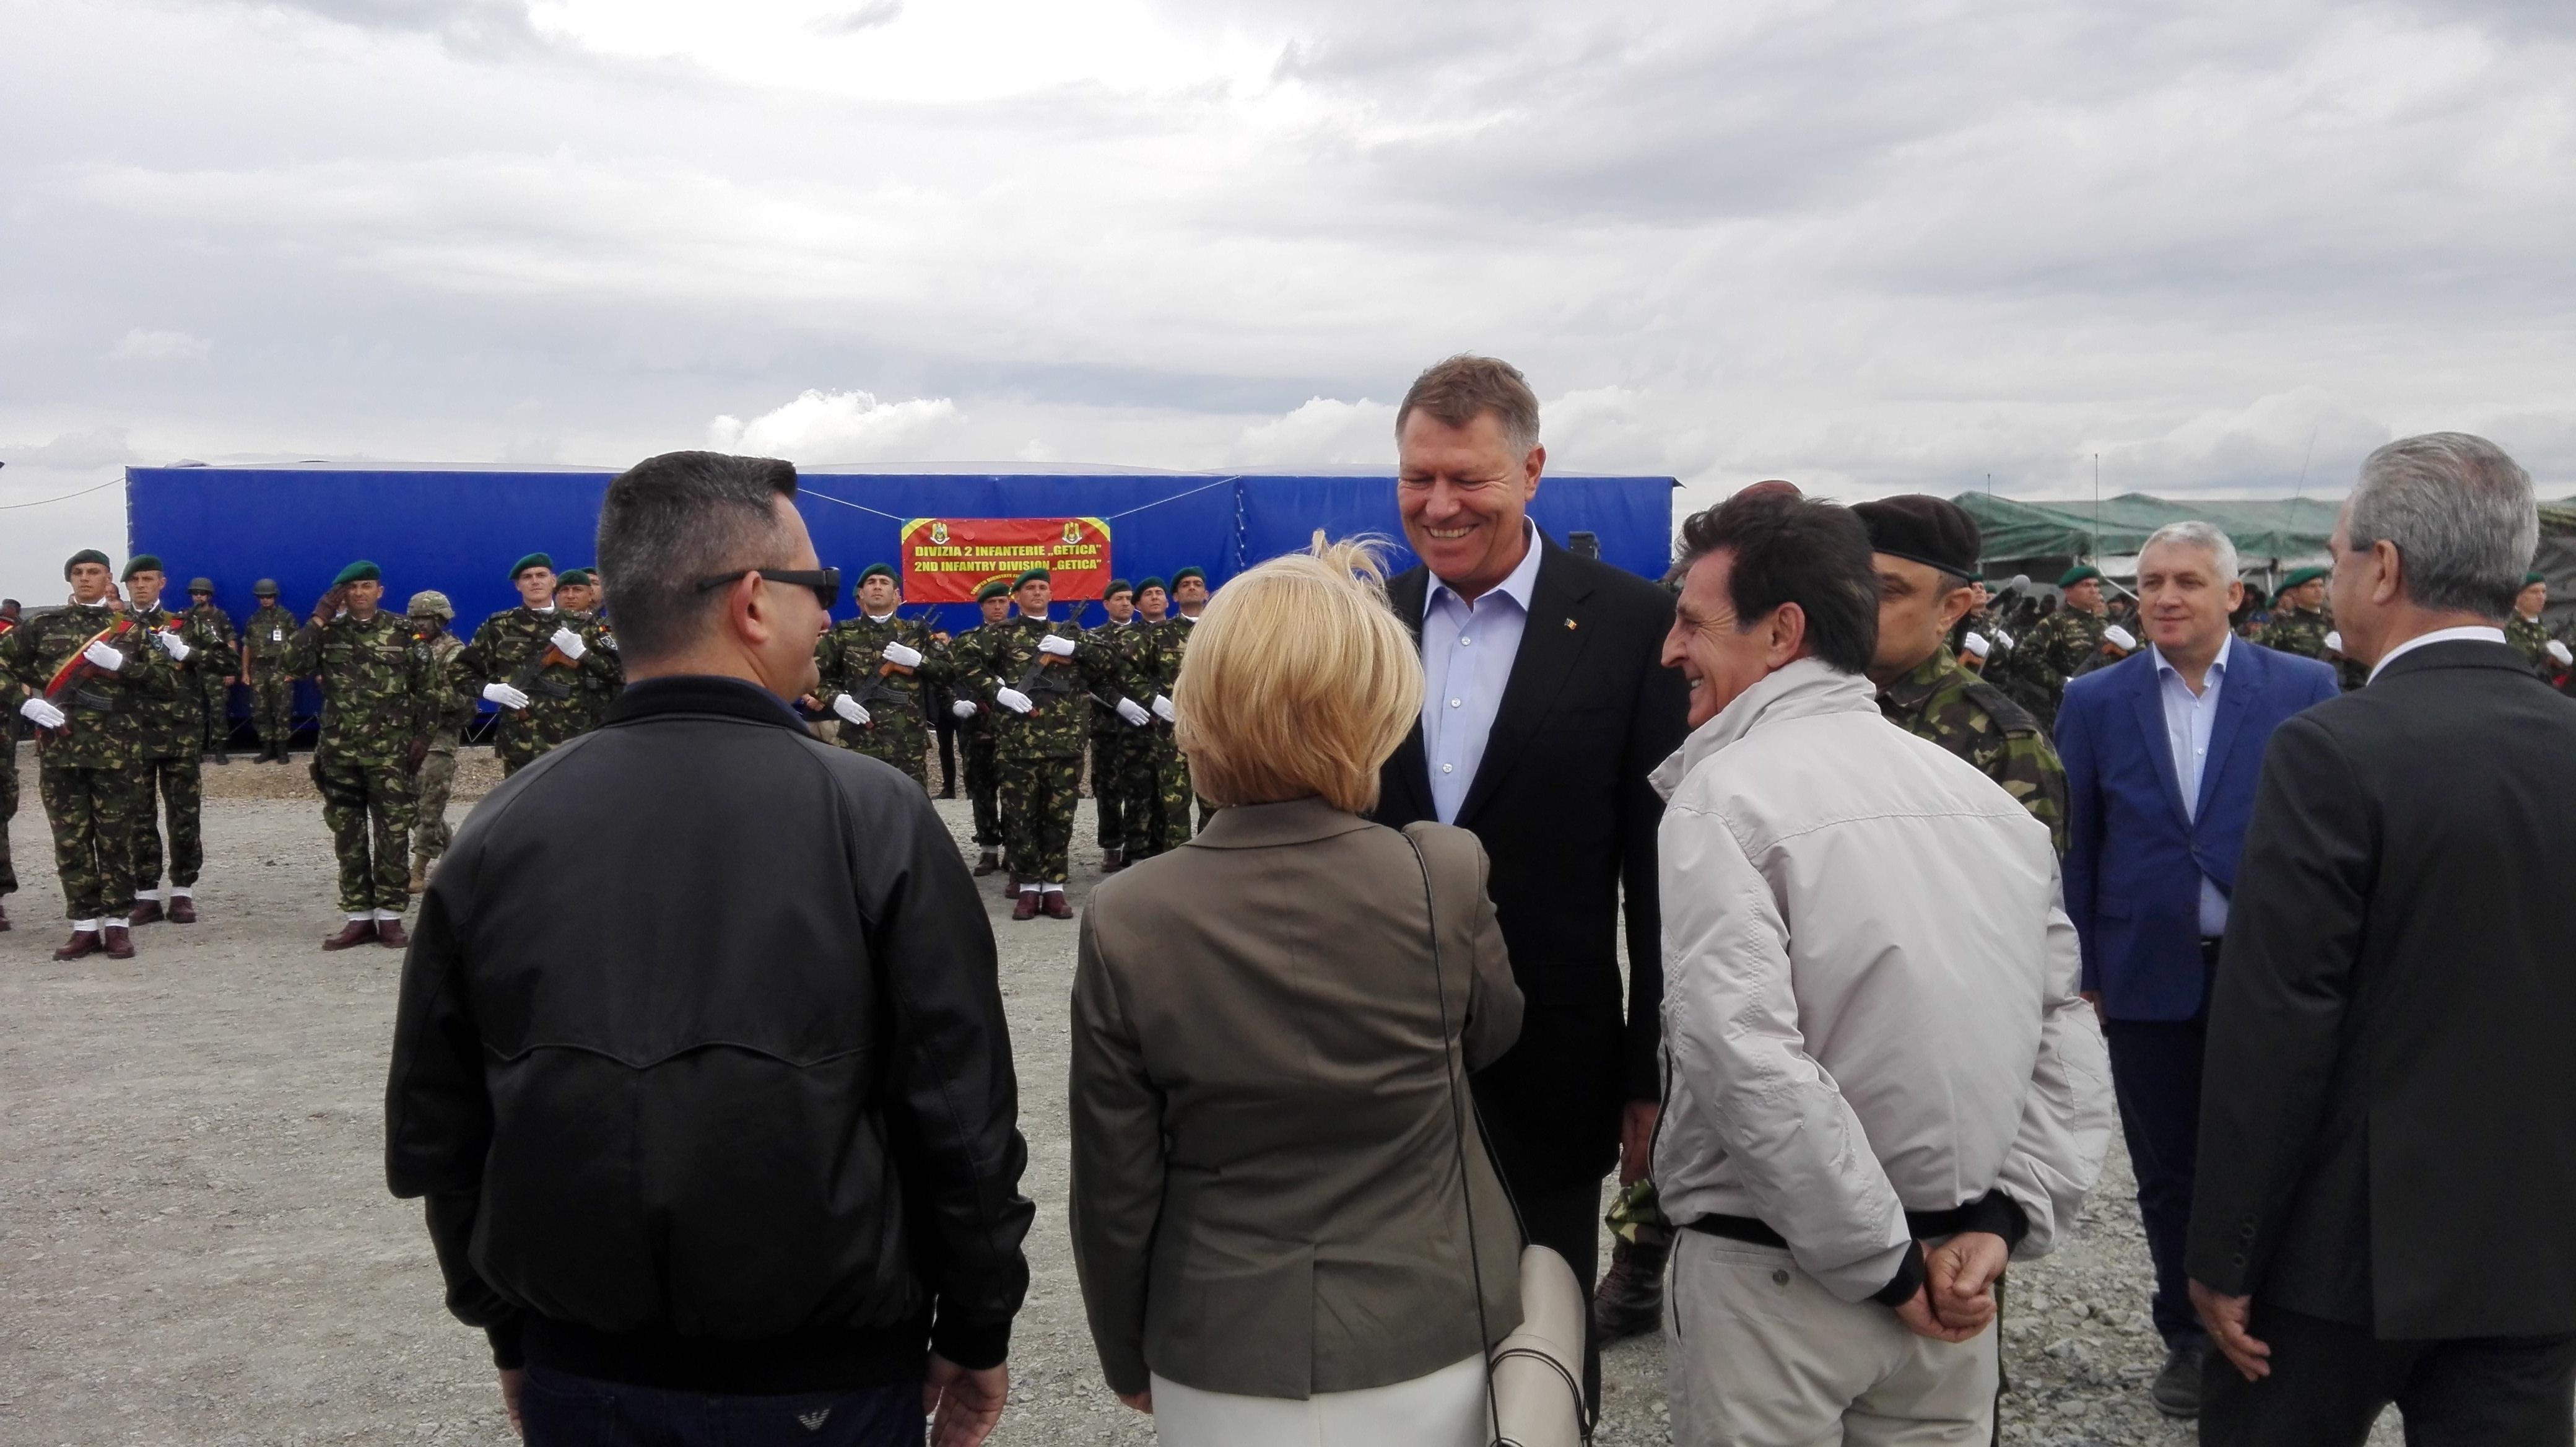 Preşedintele Klaus Iohannis, la exerciţiul Saber Guardian 17, la baza de la Cincu: Foarte reuşit / Iohannis, despre rachetele Patriot: România nu se pregăteşte să atace; este necesară securitatea - FOTO